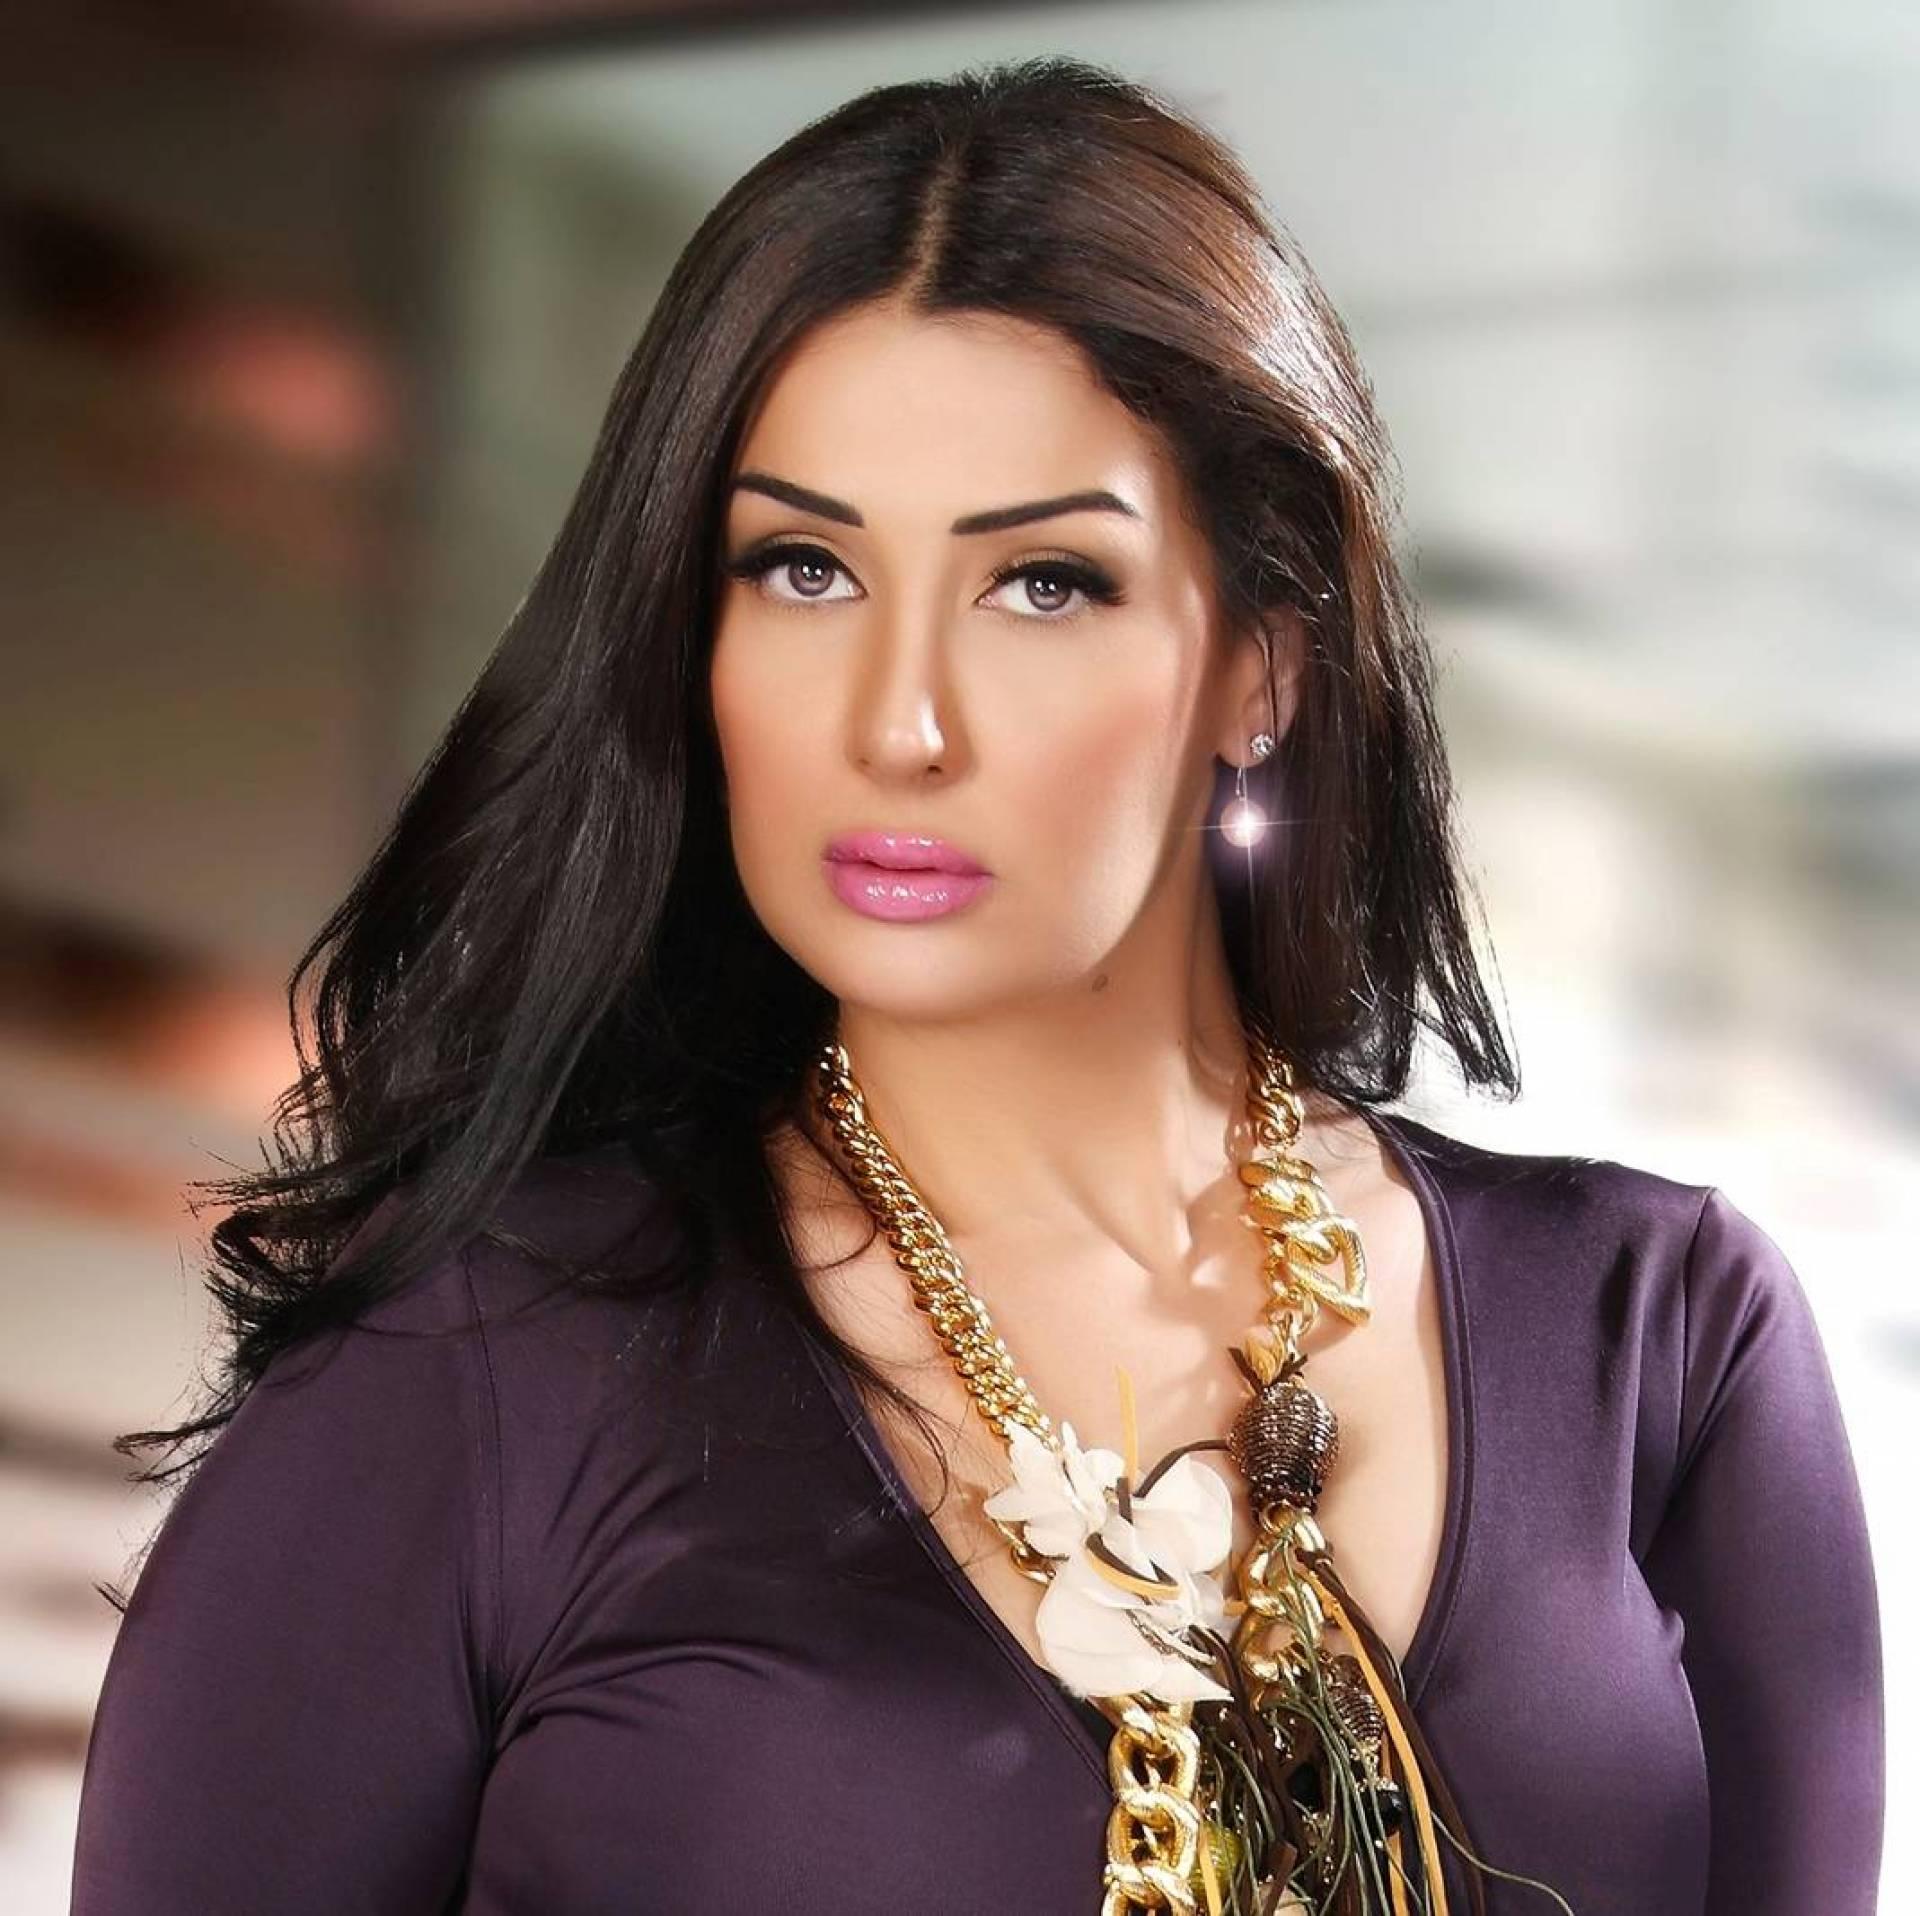 تعرفوا الى شقيقة غادة عبد الرازق وابنتها الحسناء التي أشعلت  انستغرام ... هل تشبه خالتها؟!   Laha Magazine